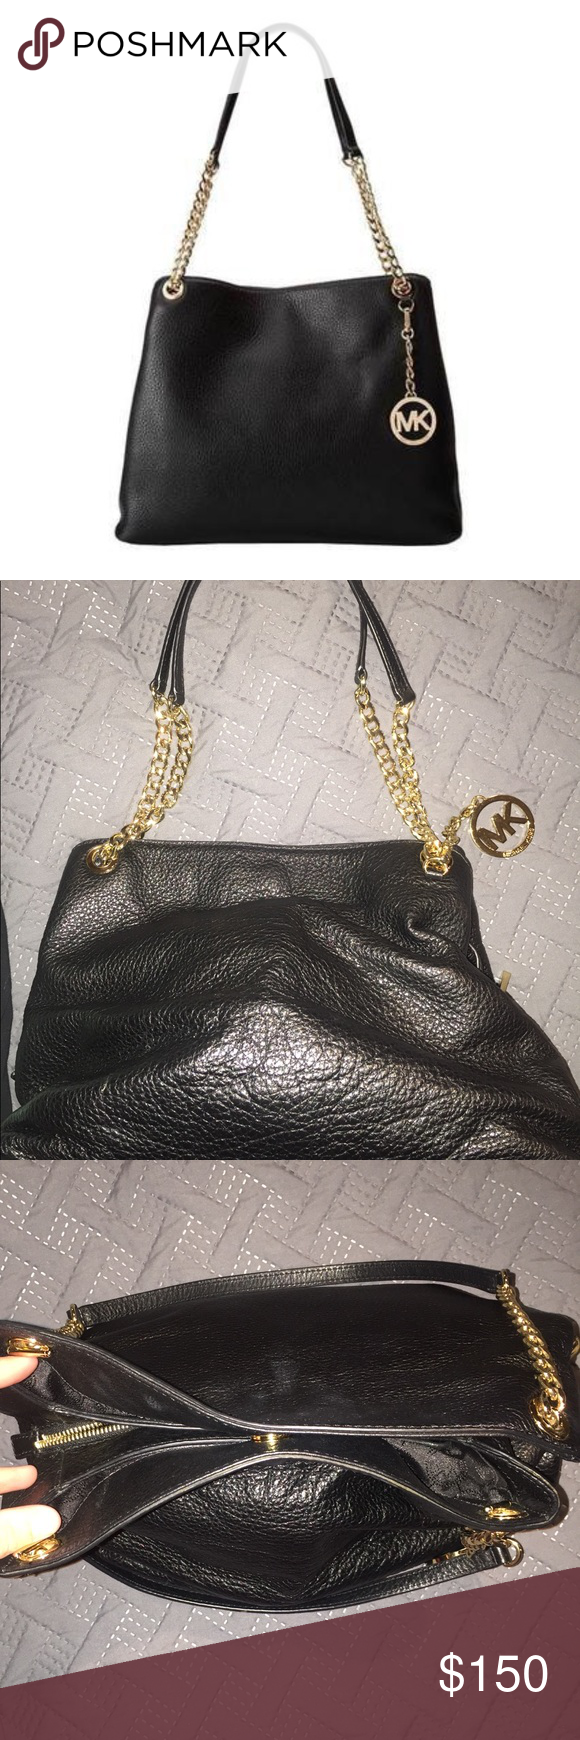 3e5cb1c62b0 Spotted while shopping on Poshmark  Michael Kors Jet Set Purse!  poshmark   fashion  shopping  style  MICHAEL Michael Kors  Handbags